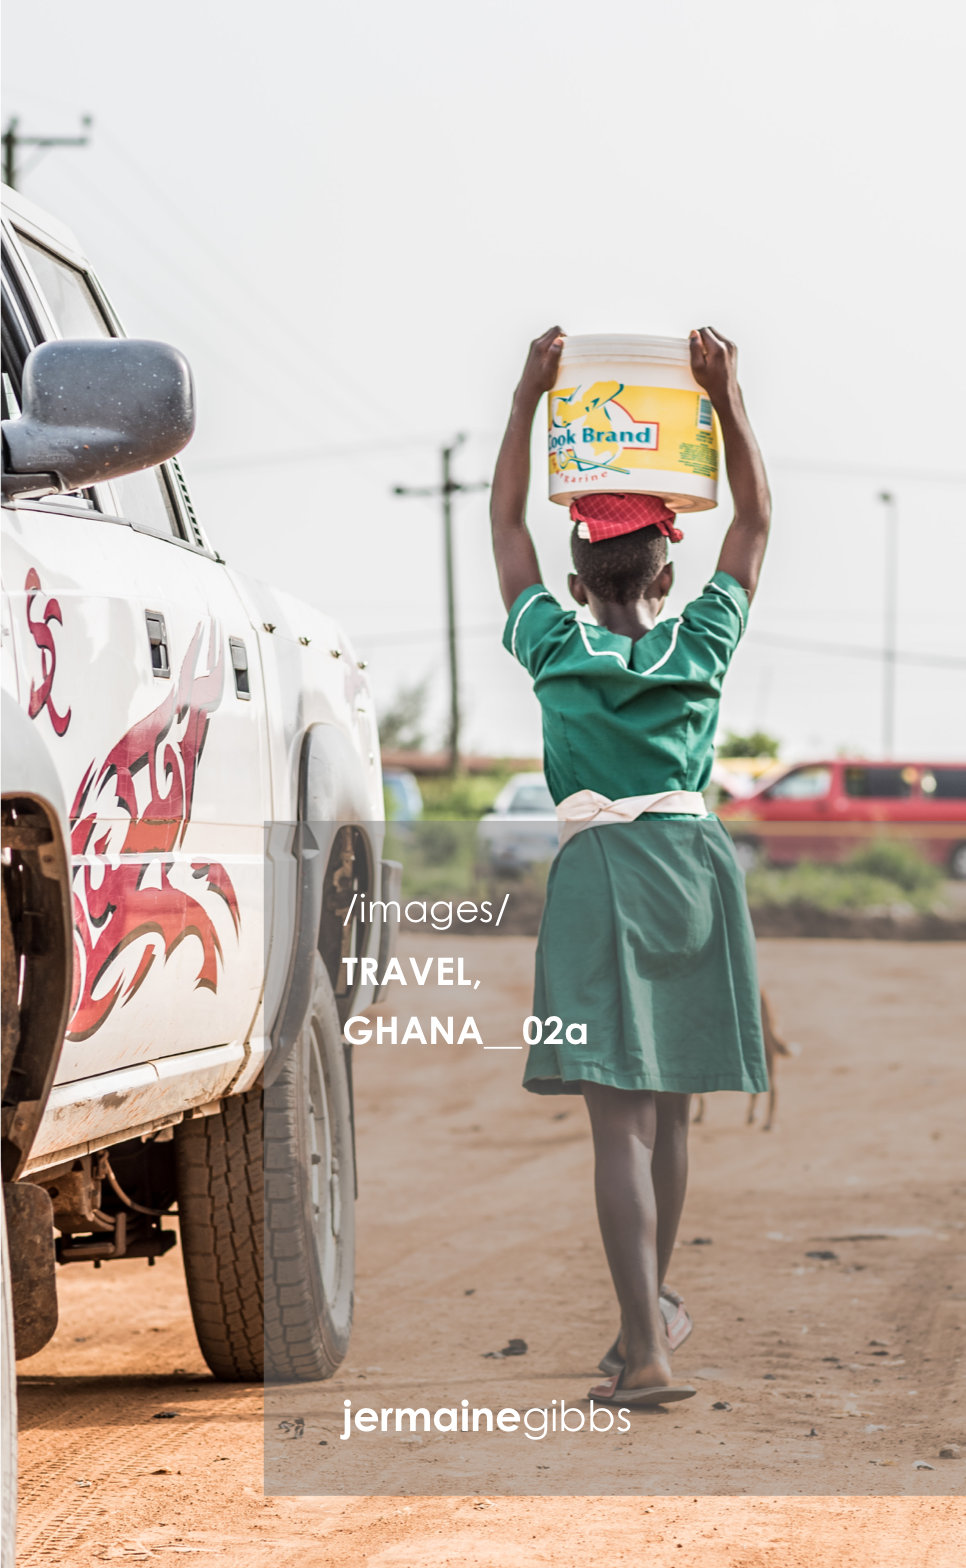 Travel_Ghana__02a